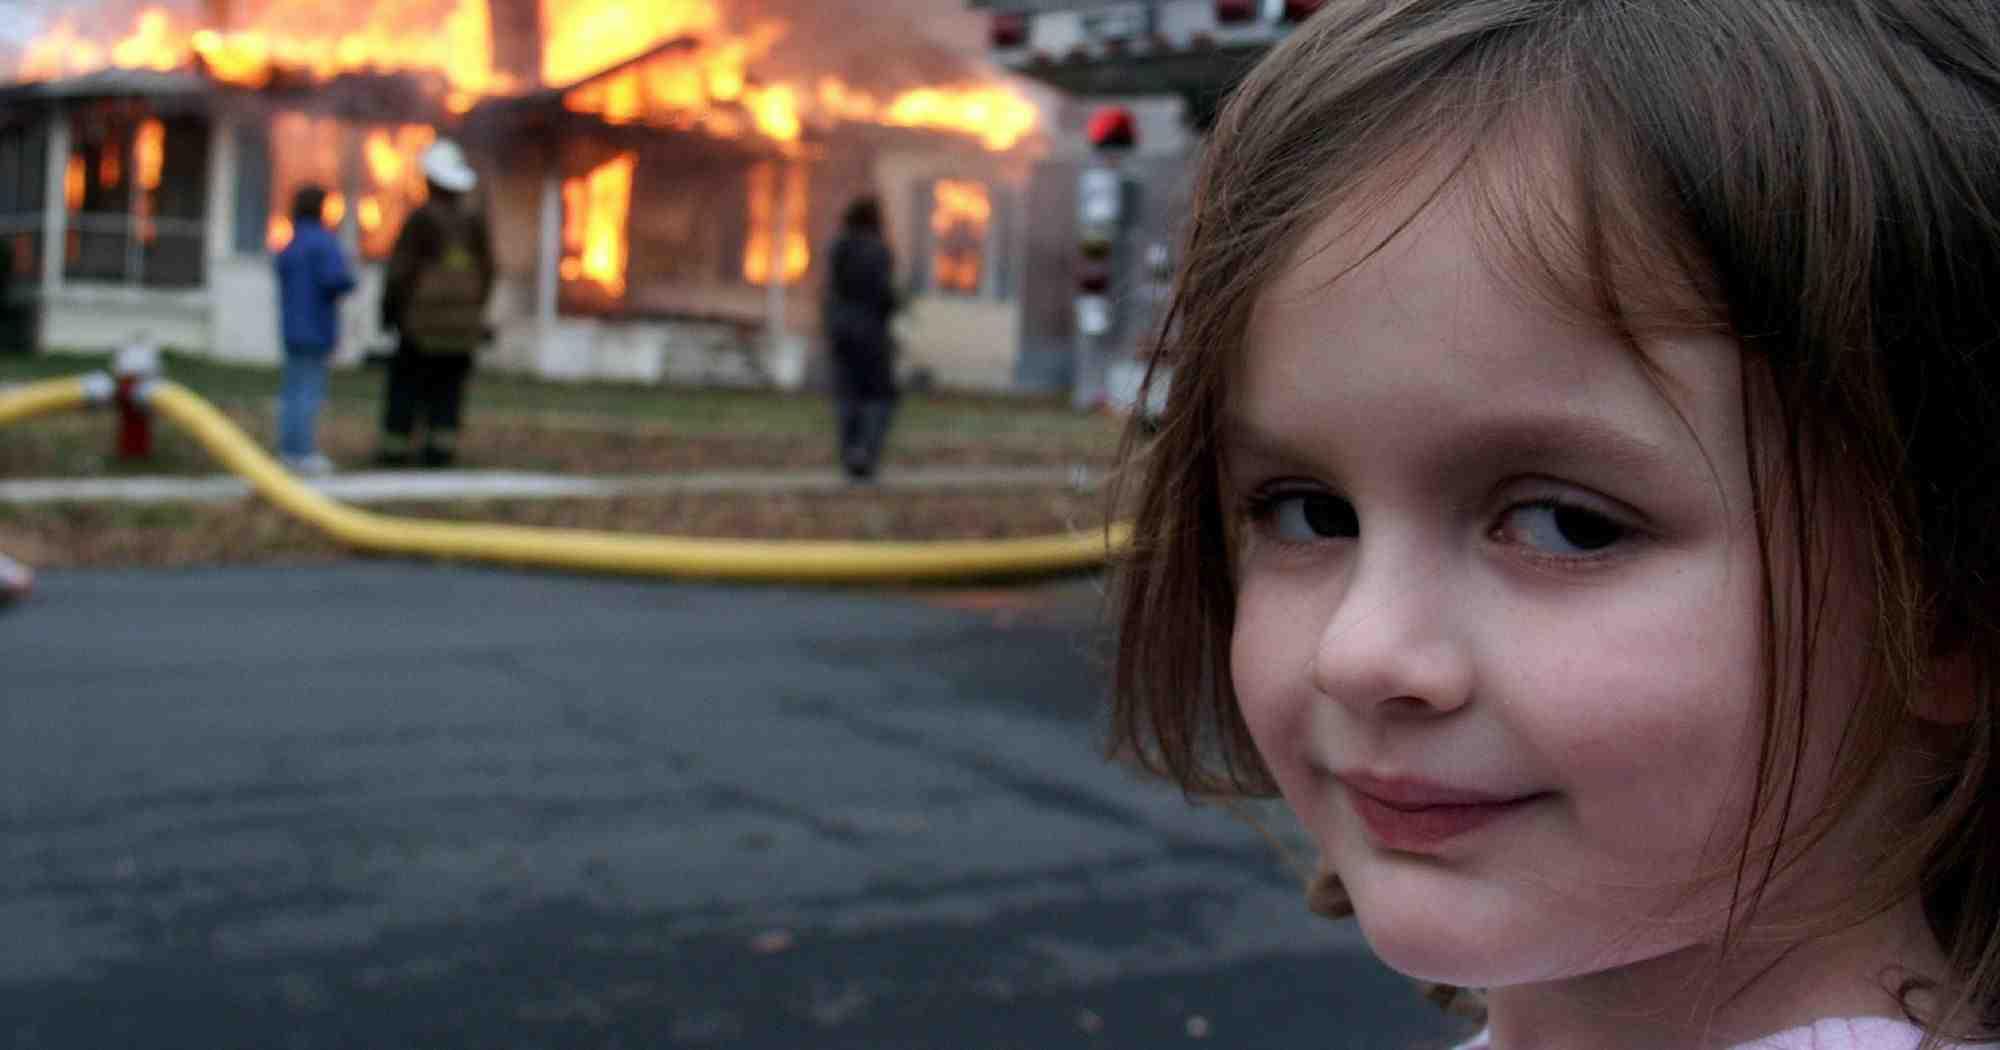 «Девочка-катастрофа» продала мем с собой за полмиллиона долларов